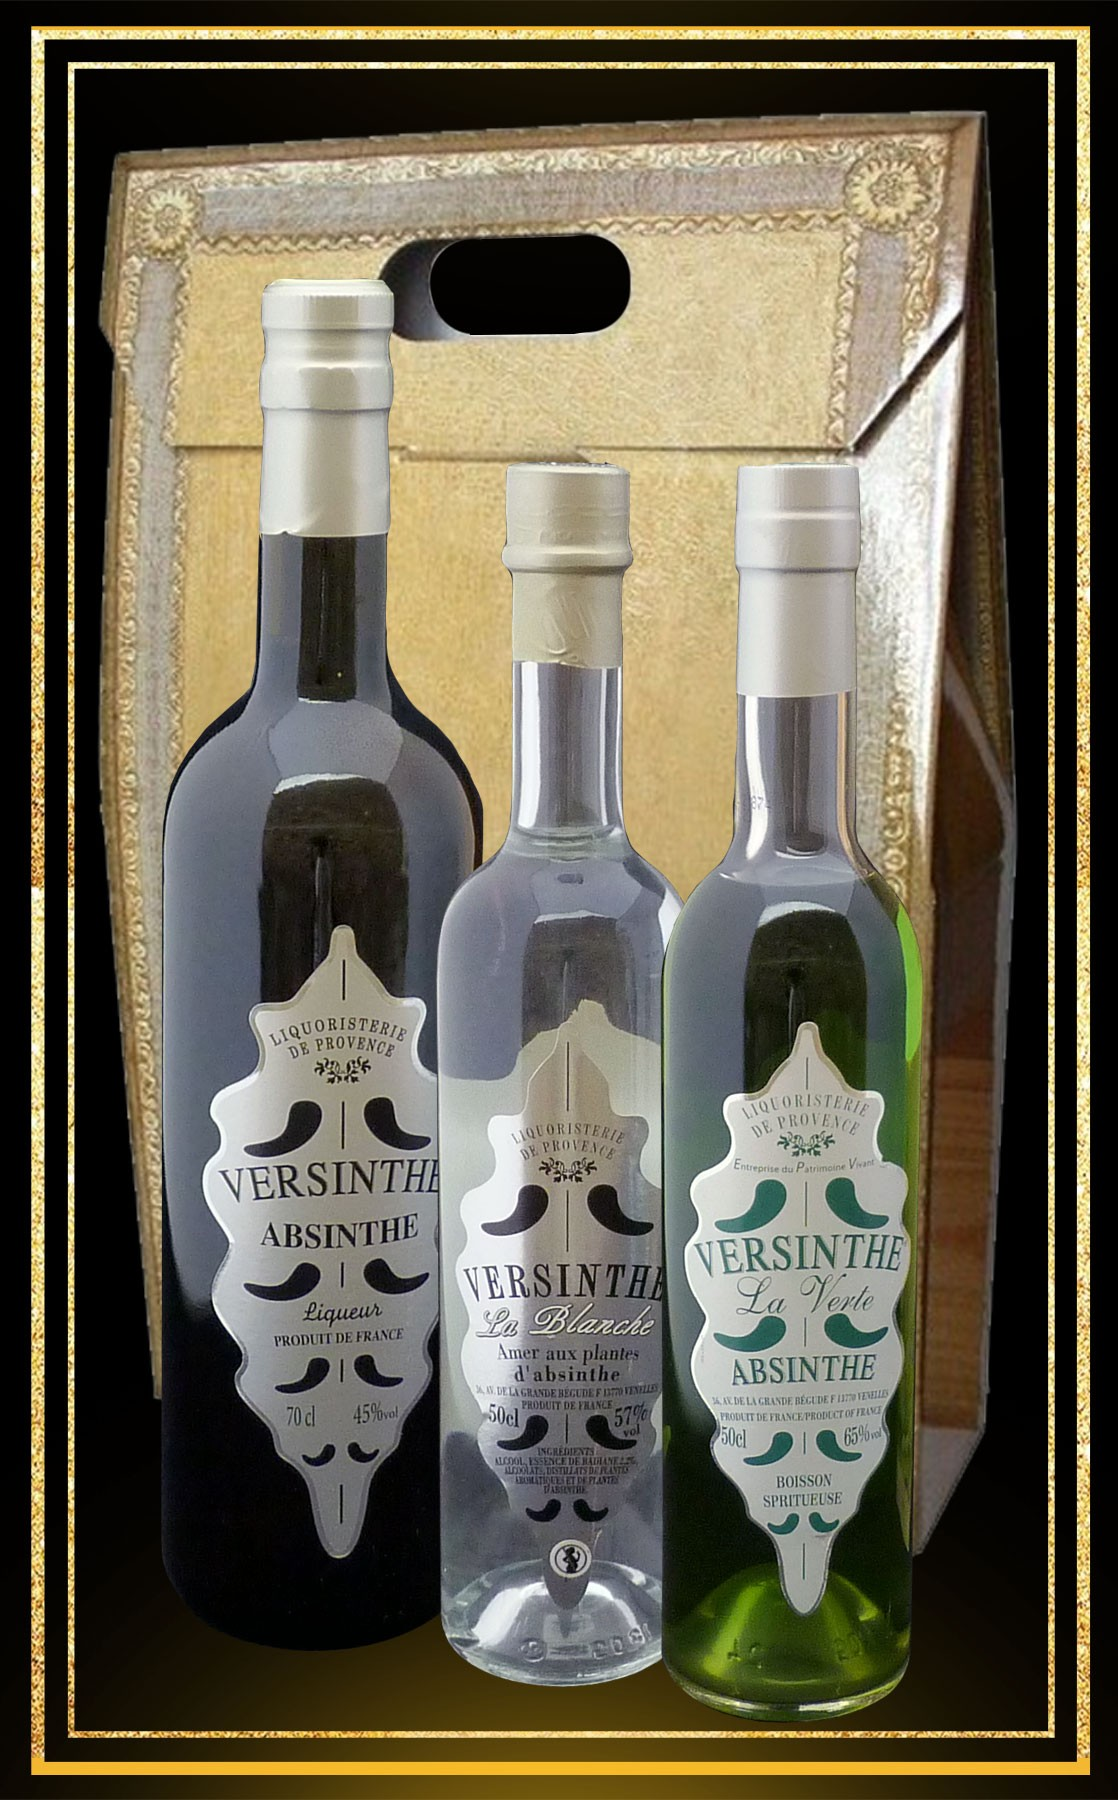 Coffret Les 3 Absinthes Versinthe, La Blanche et la Verte